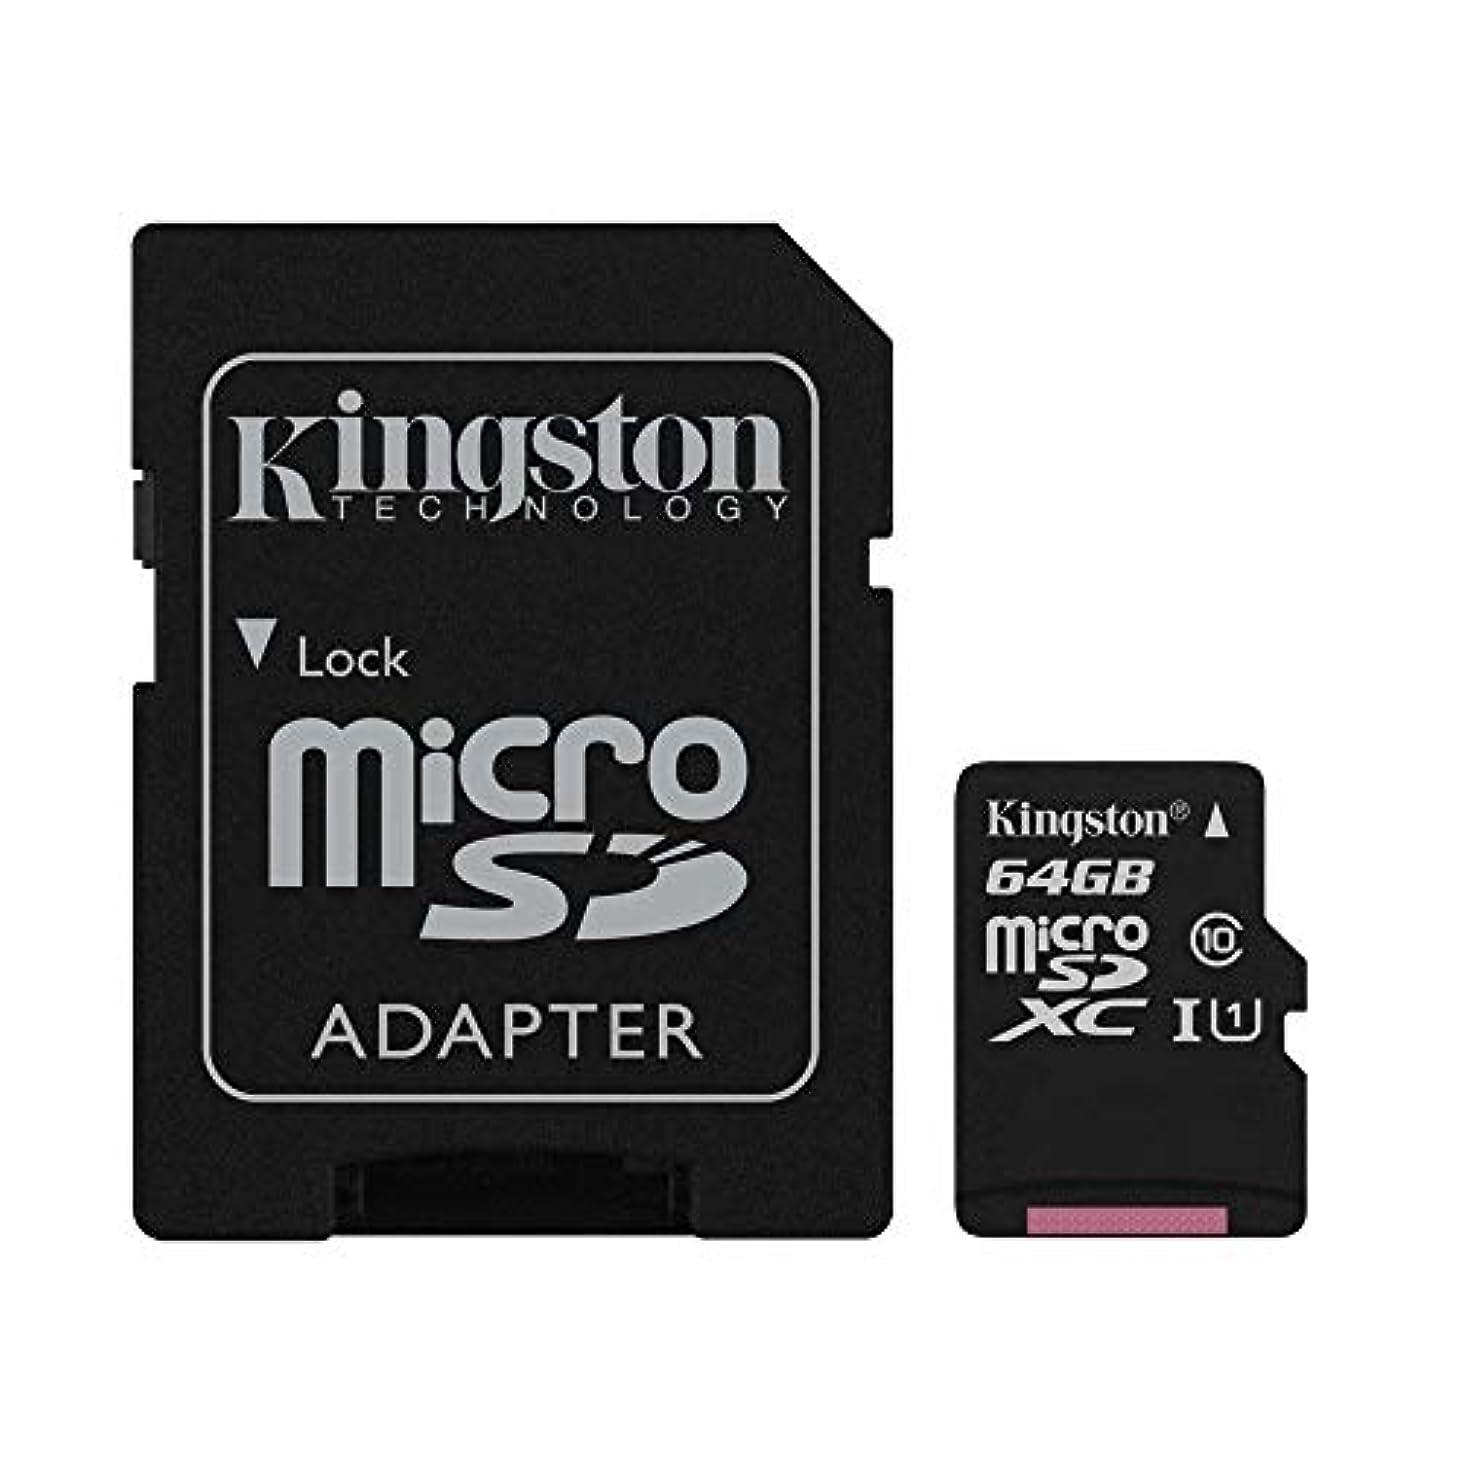 色作る静めるキングストン Kingston microSDXCカード 64GB クラス 10 UHS-I 対応 アダプタ付 Canvas Select SDCS/64GB 永久保証